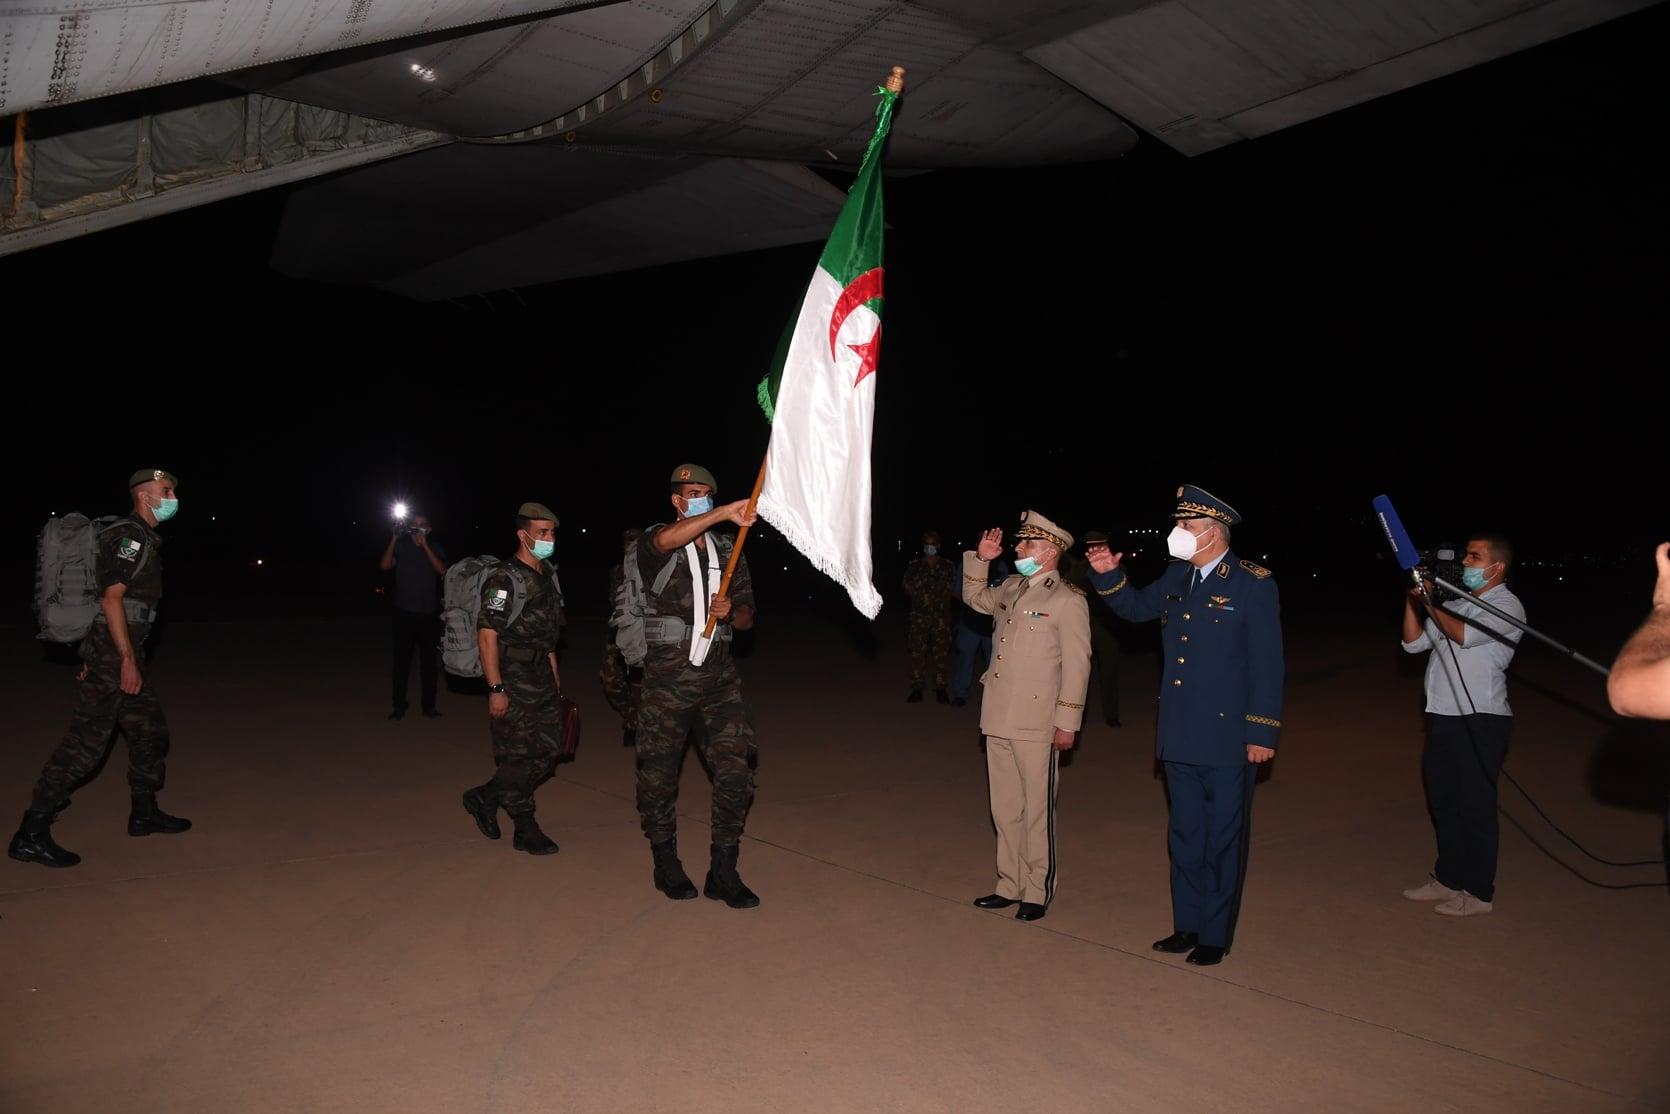 صورة عودة المنتخب الوطني العسكري إلى أرض الوطن بعد تحقيقه لنتائج مشجعة